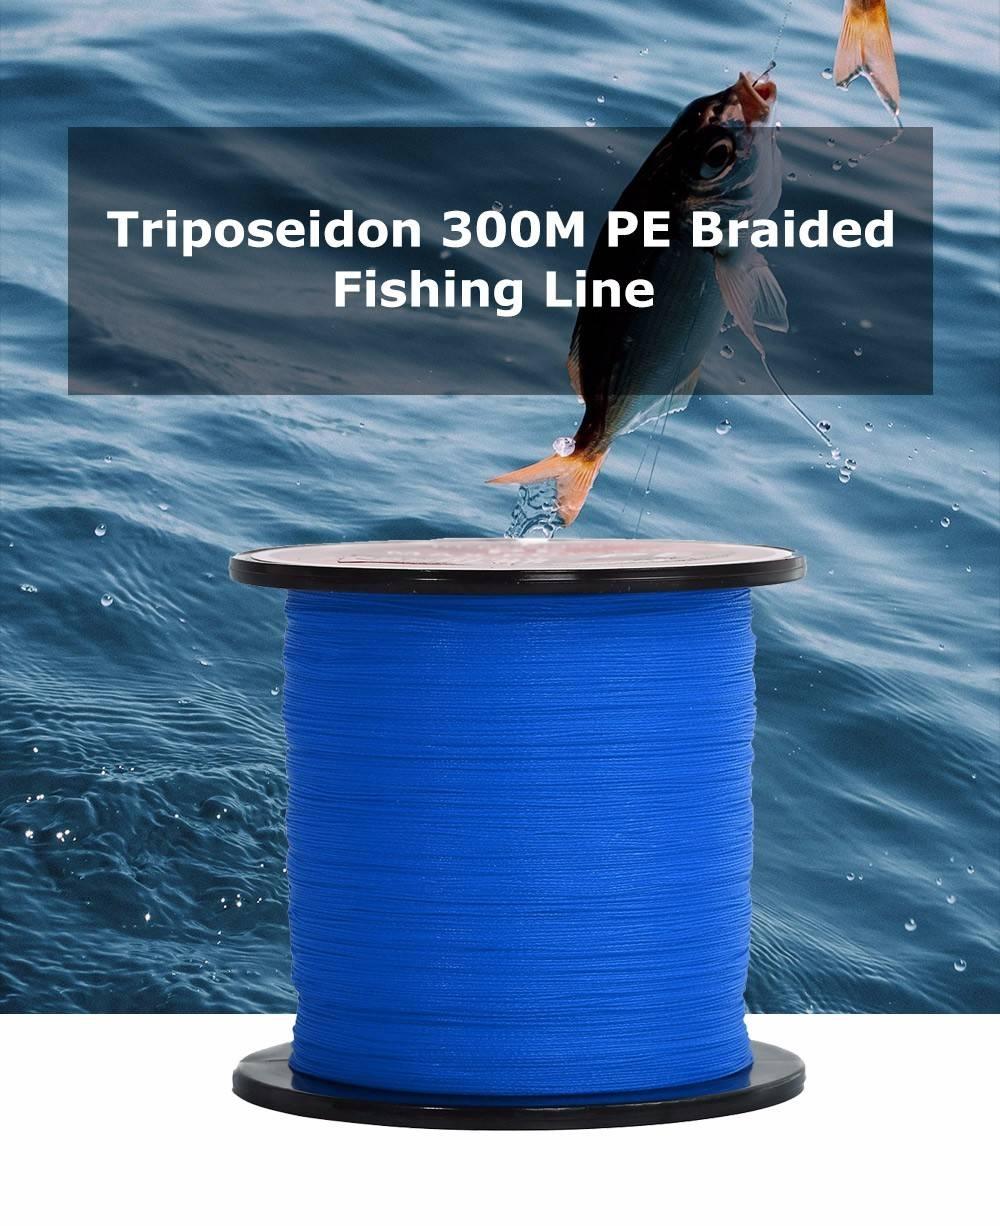 Triposeidon 300M Super Strong PE Braided Fishing Line 8 - 60 LB